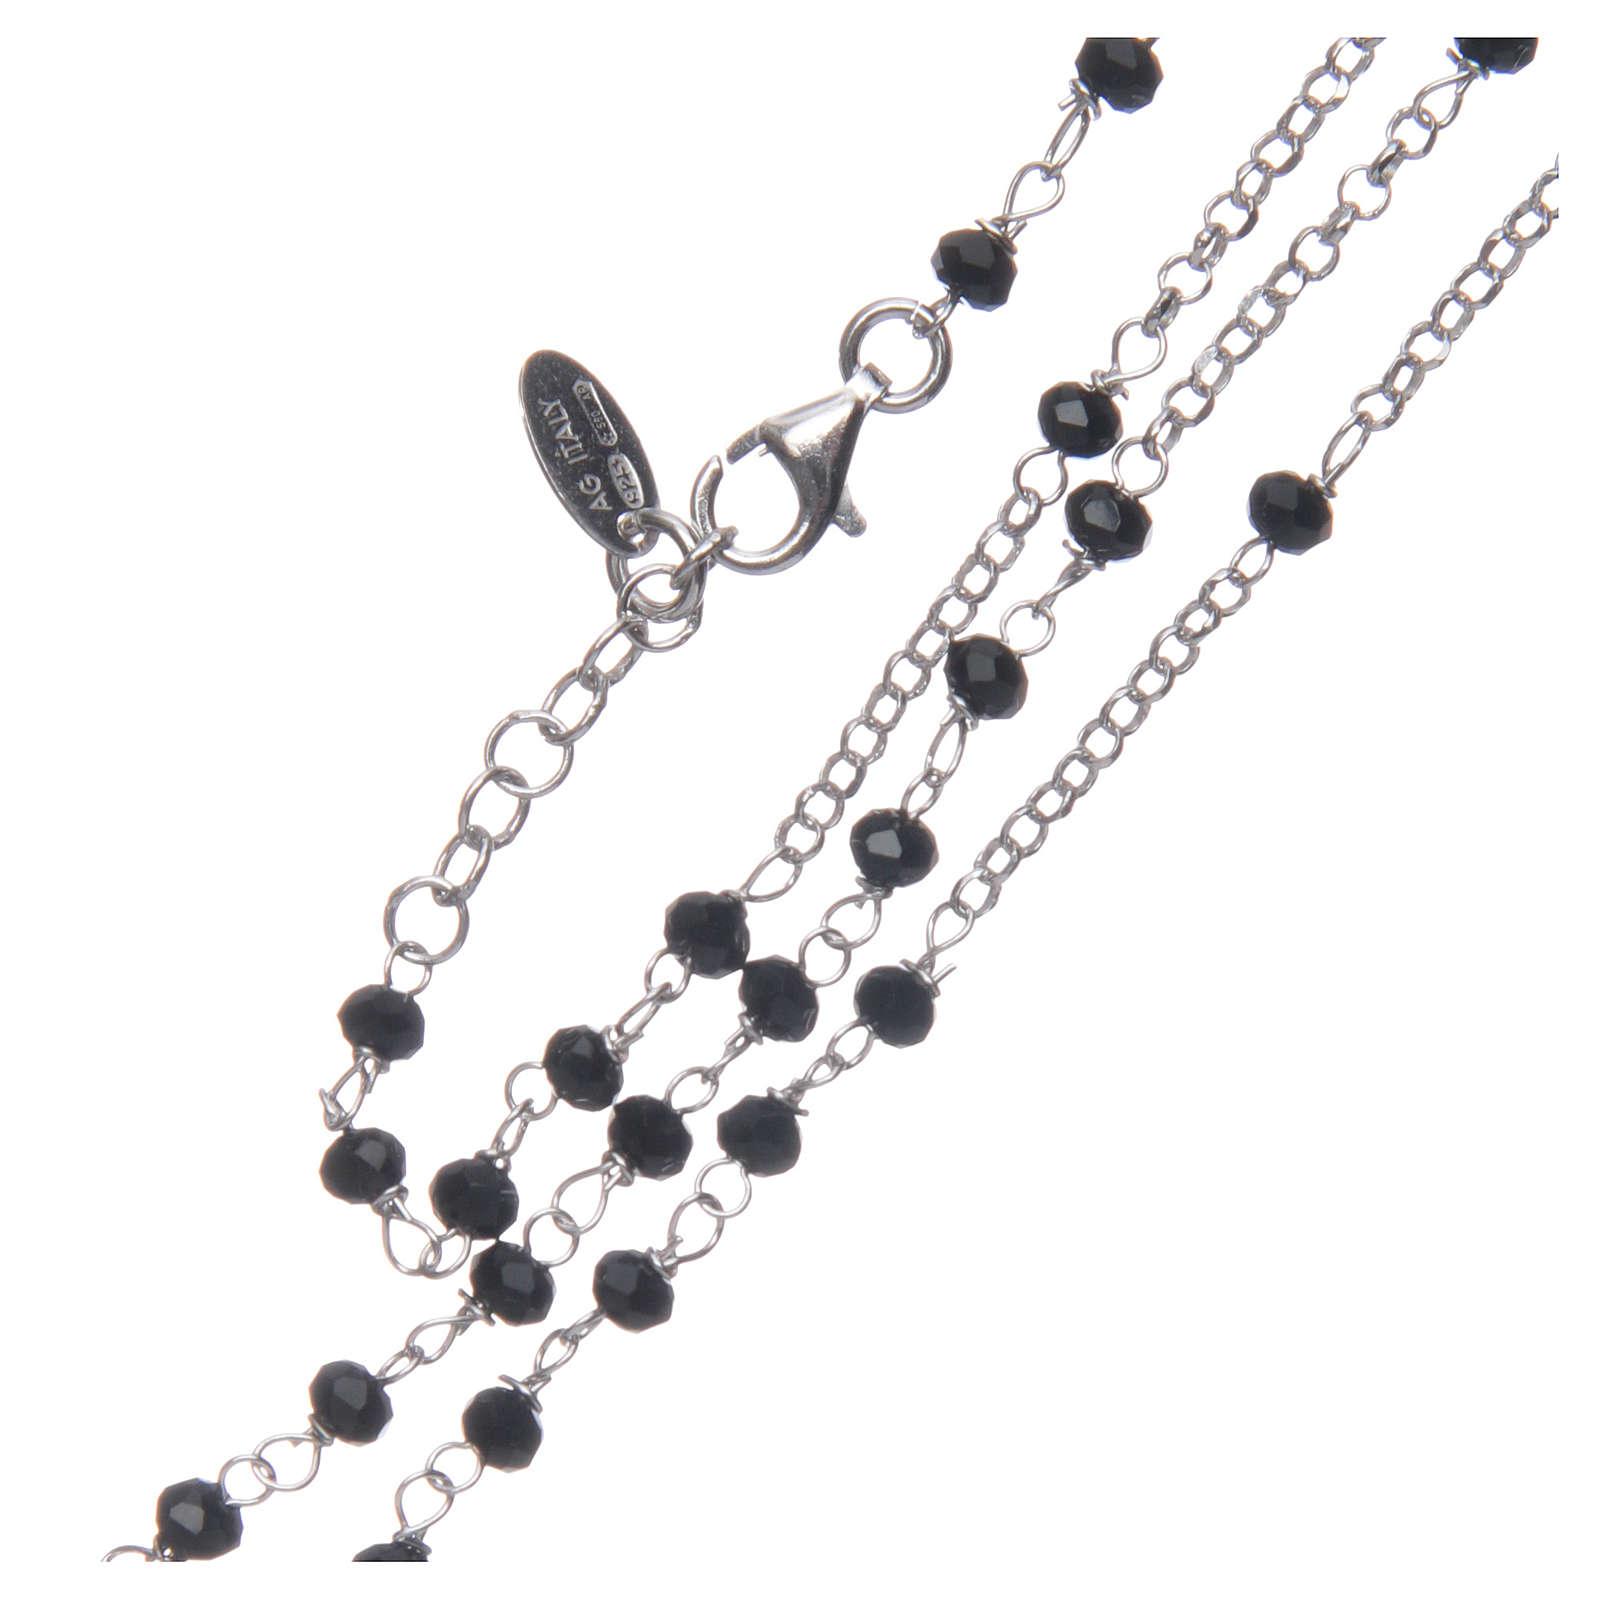 Collier chapelet AMEN classique cristaux noirs arg 925 rhodié 4